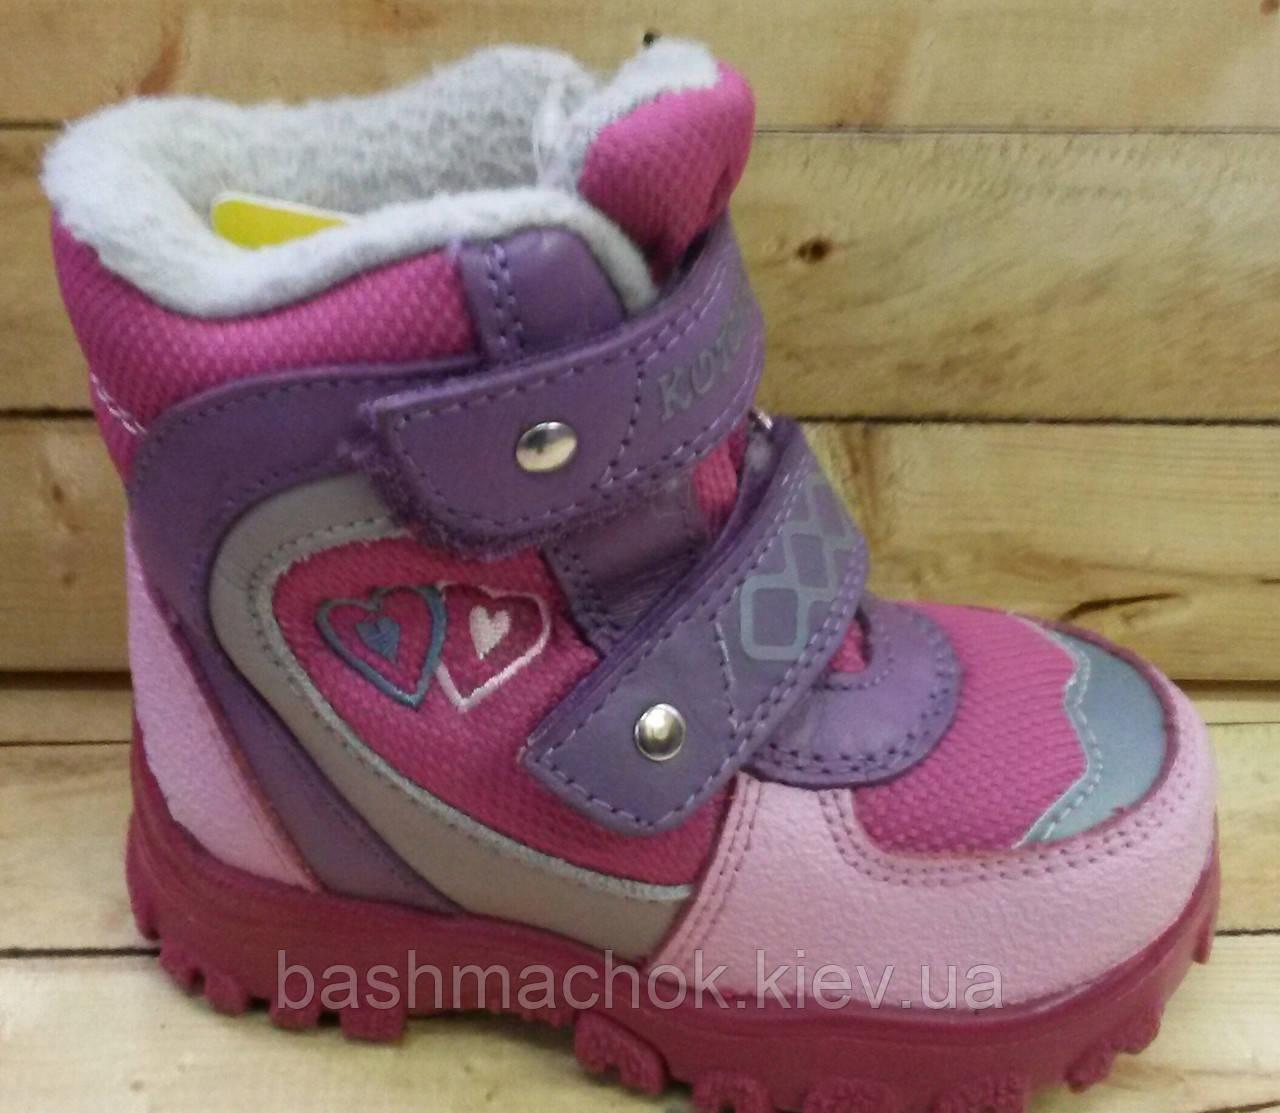 768951152 Детские мембранные ботинки Котофей размеры 22,24,26 - Интернет-магазин детской  обуви